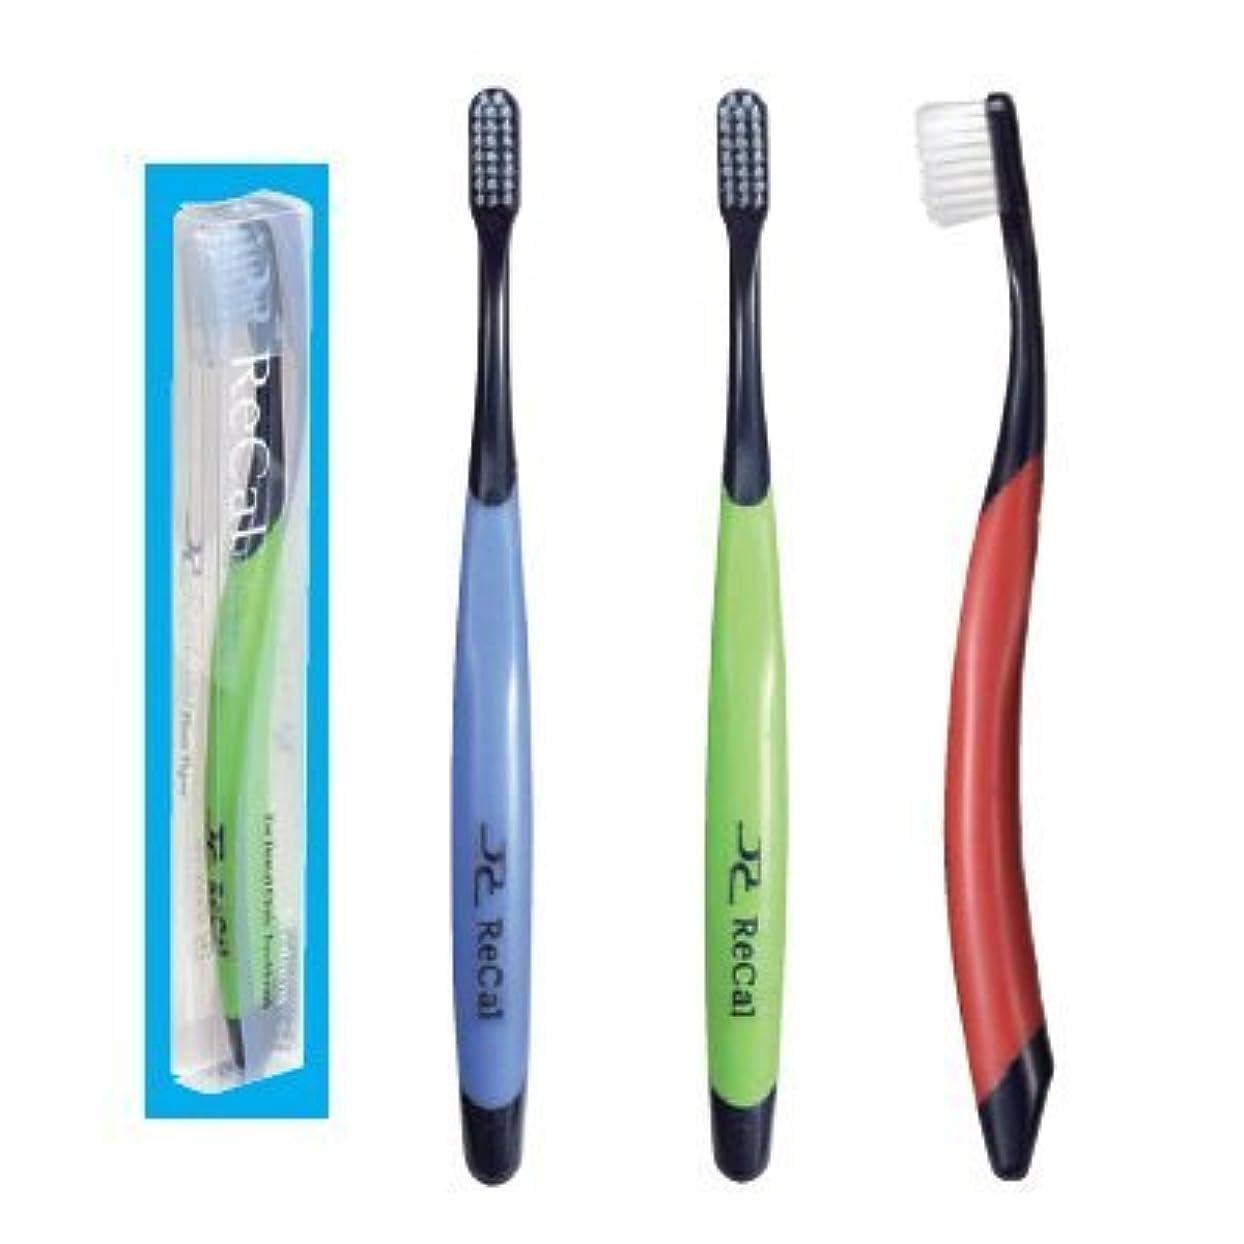 ベース変化する電話するリカル歯ブラシ フロステーパー毛(Mふつう)ブラックハンドル キャップ+プラケース付き 3本入り